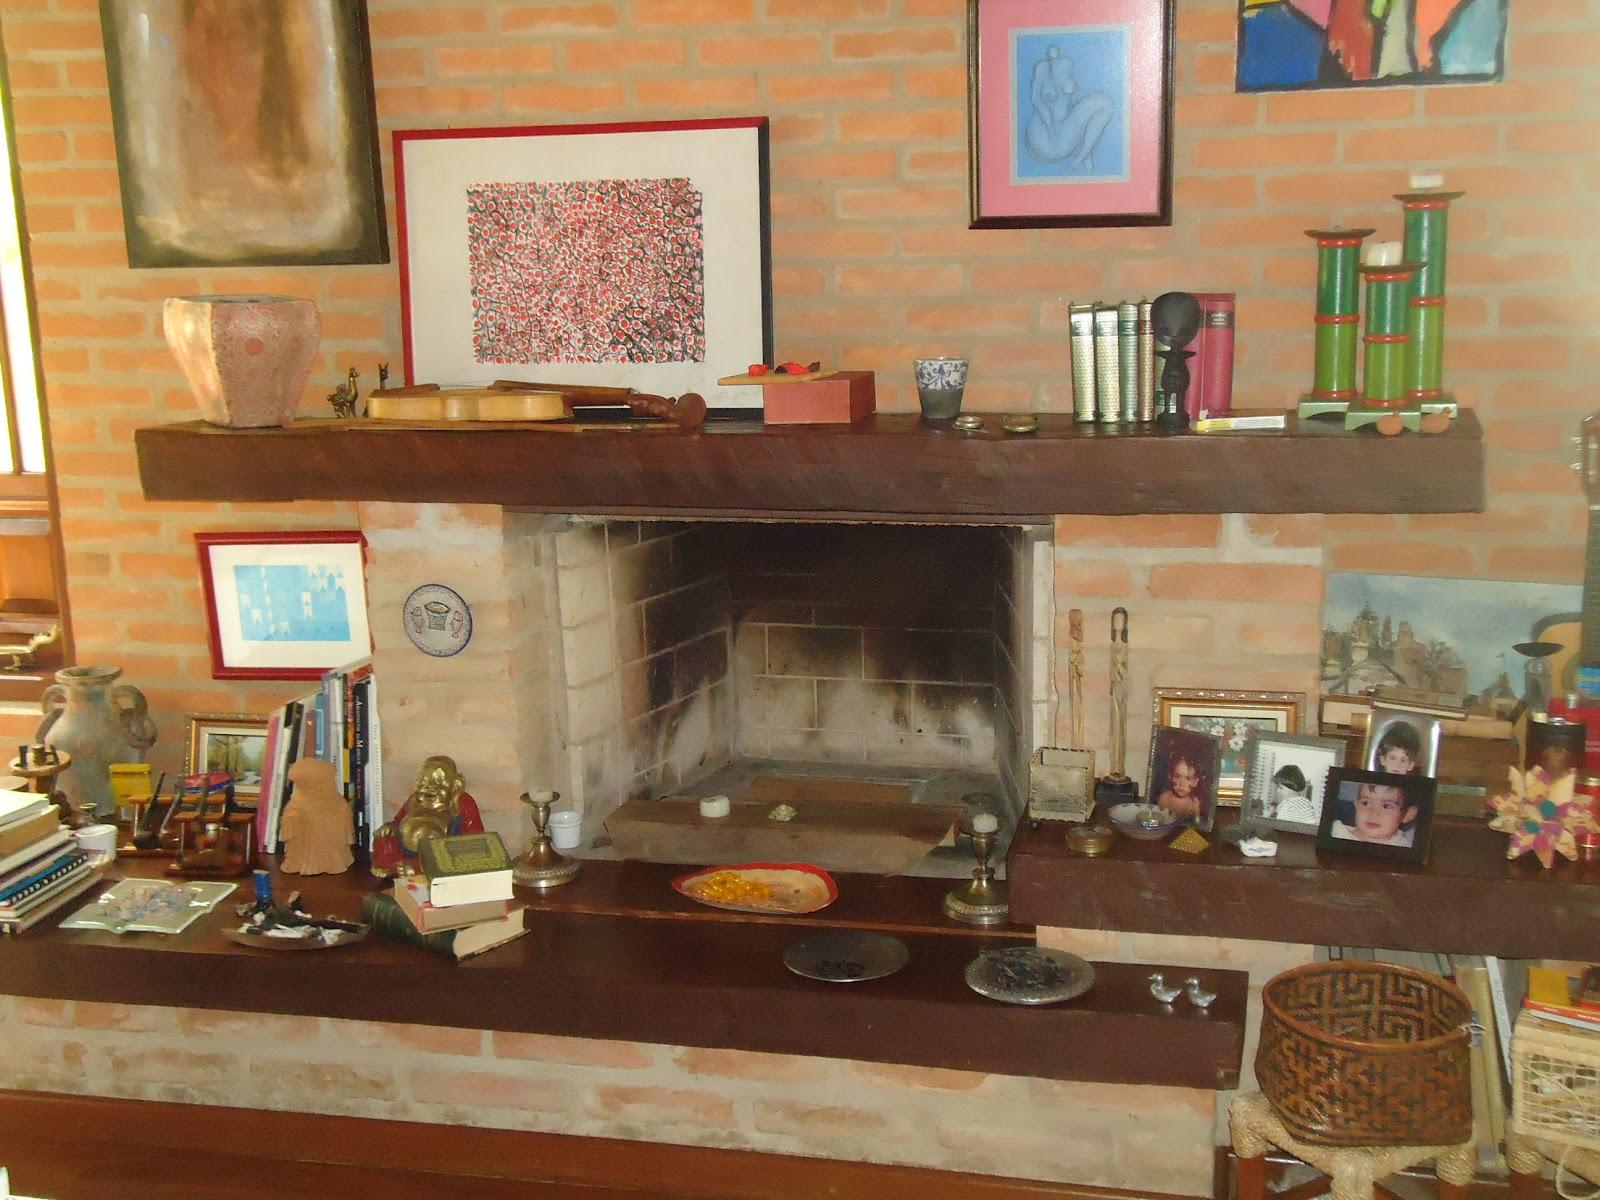 de madeira sob o teto da cozinha são de peroba rosa retiradas de  #9B6630 1600x1200